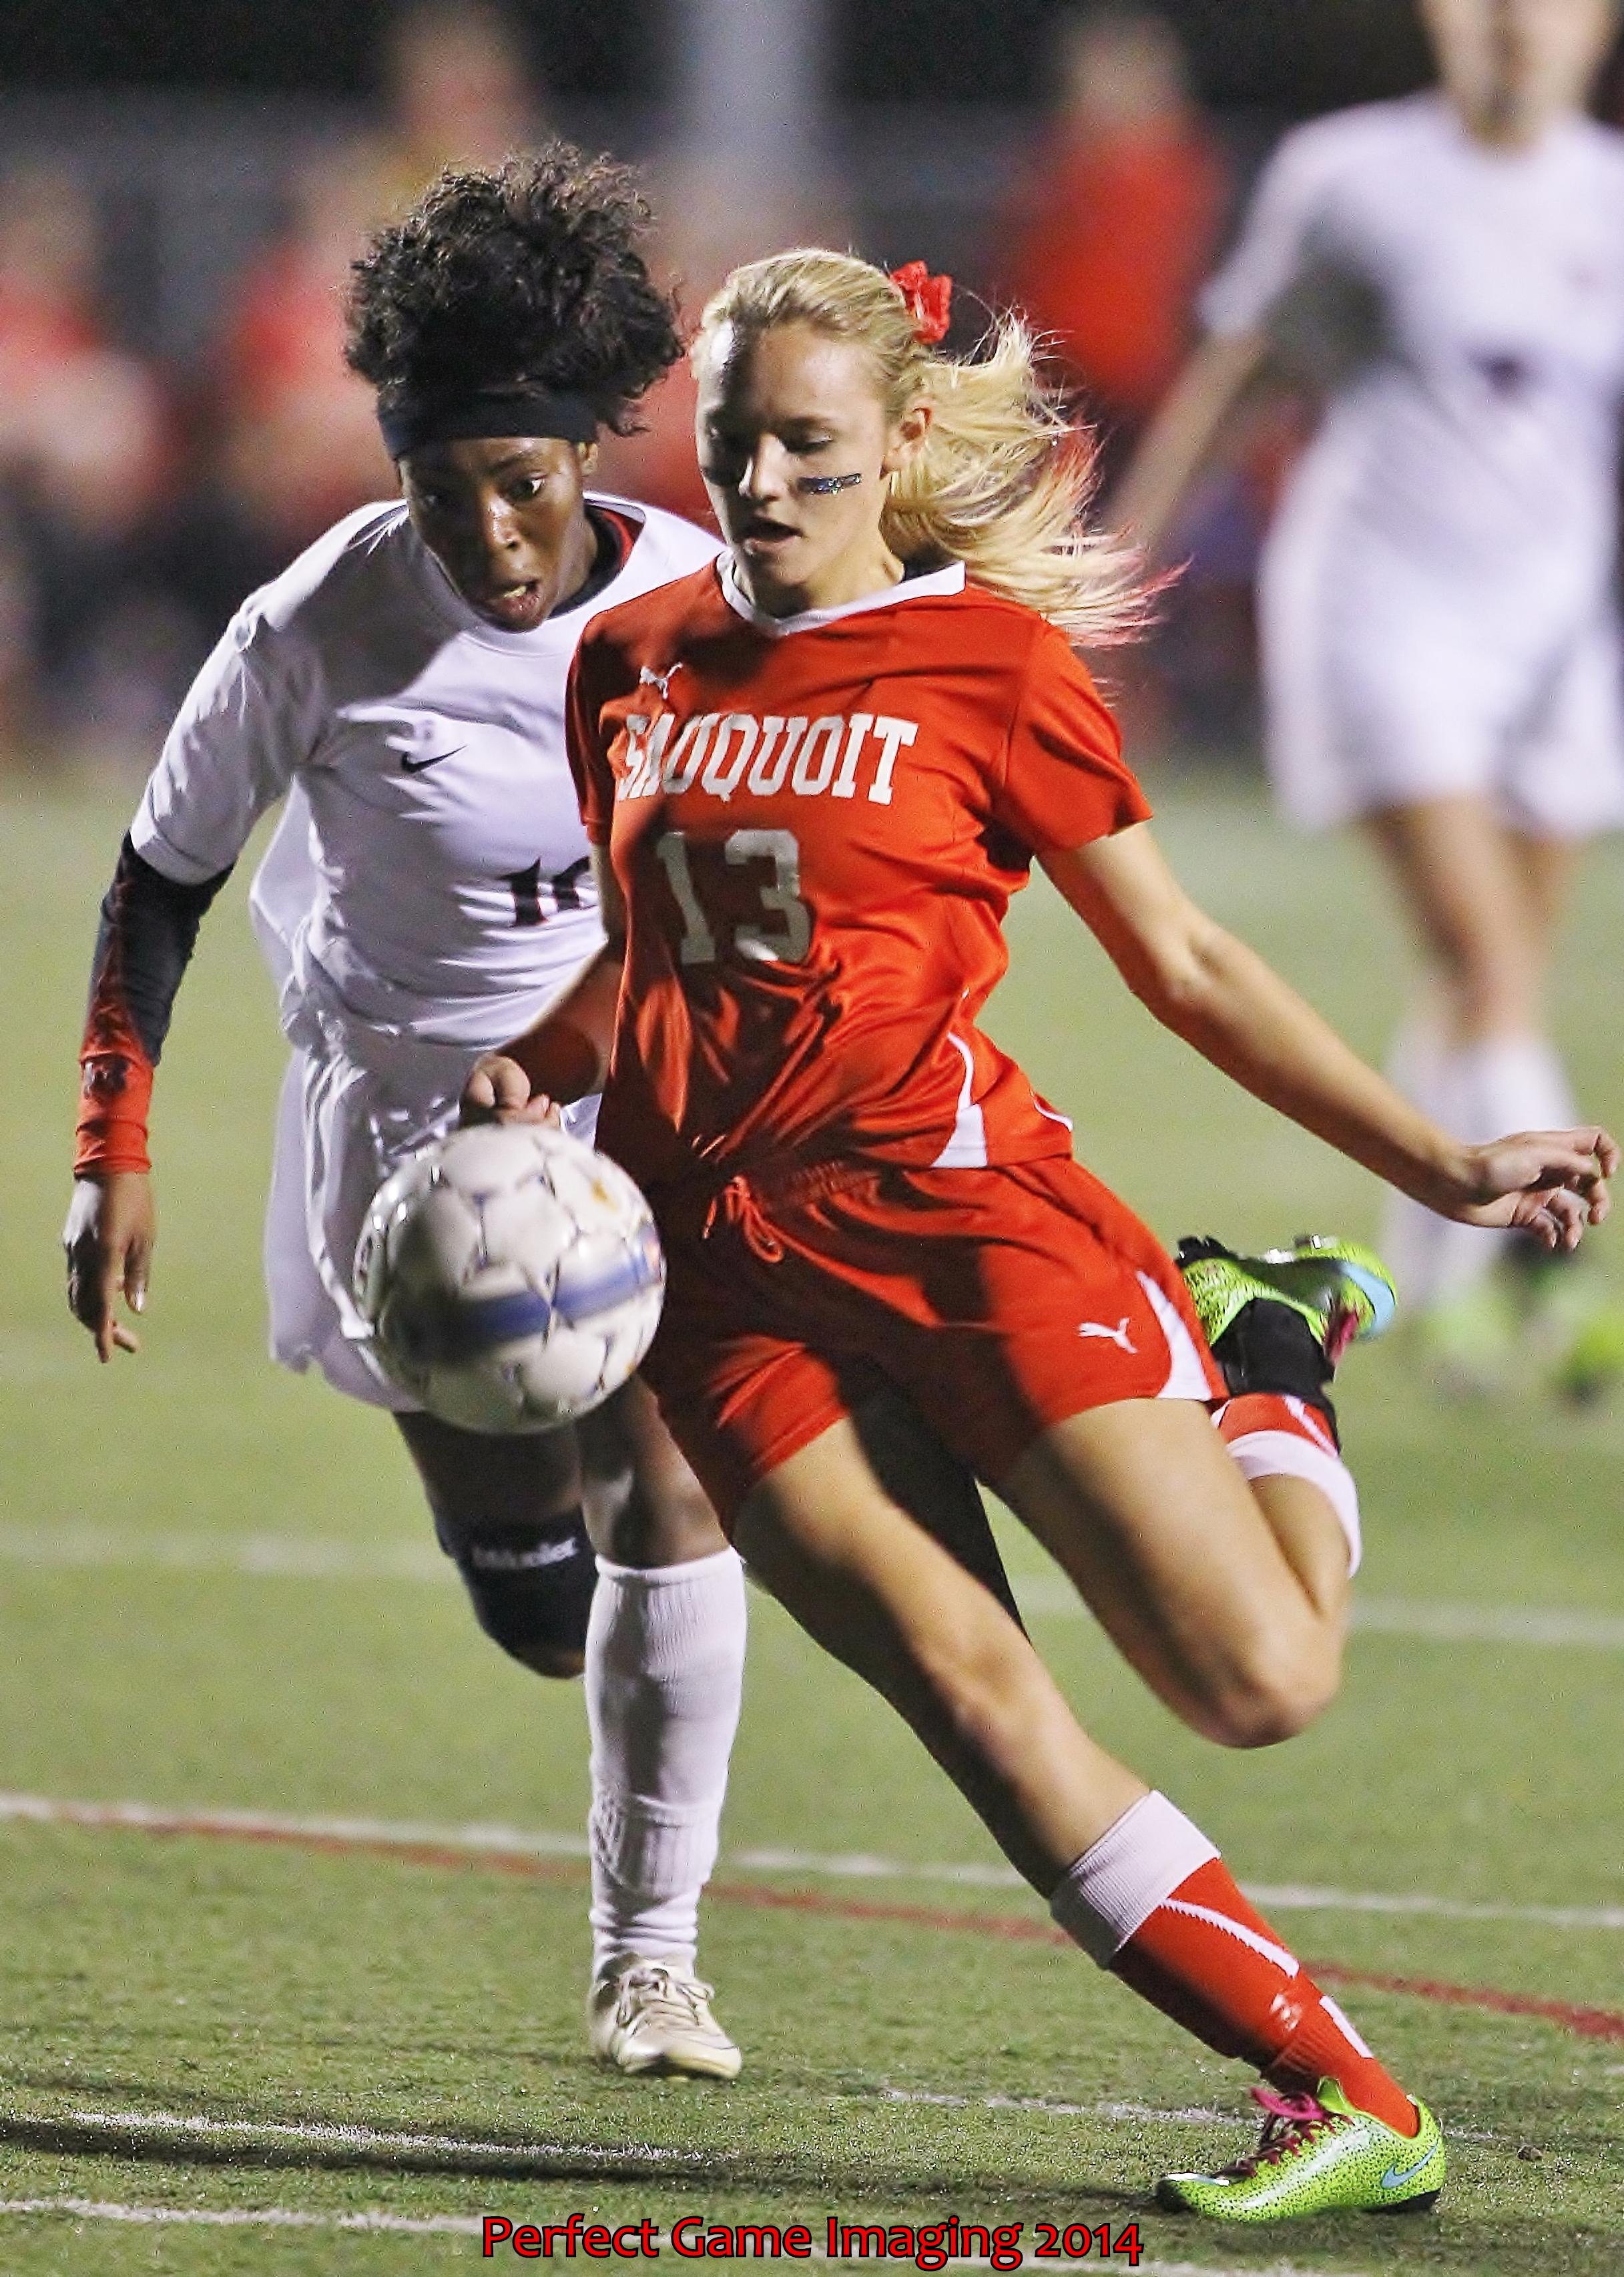 Sauquoit vs. Tully Girl's Soccer